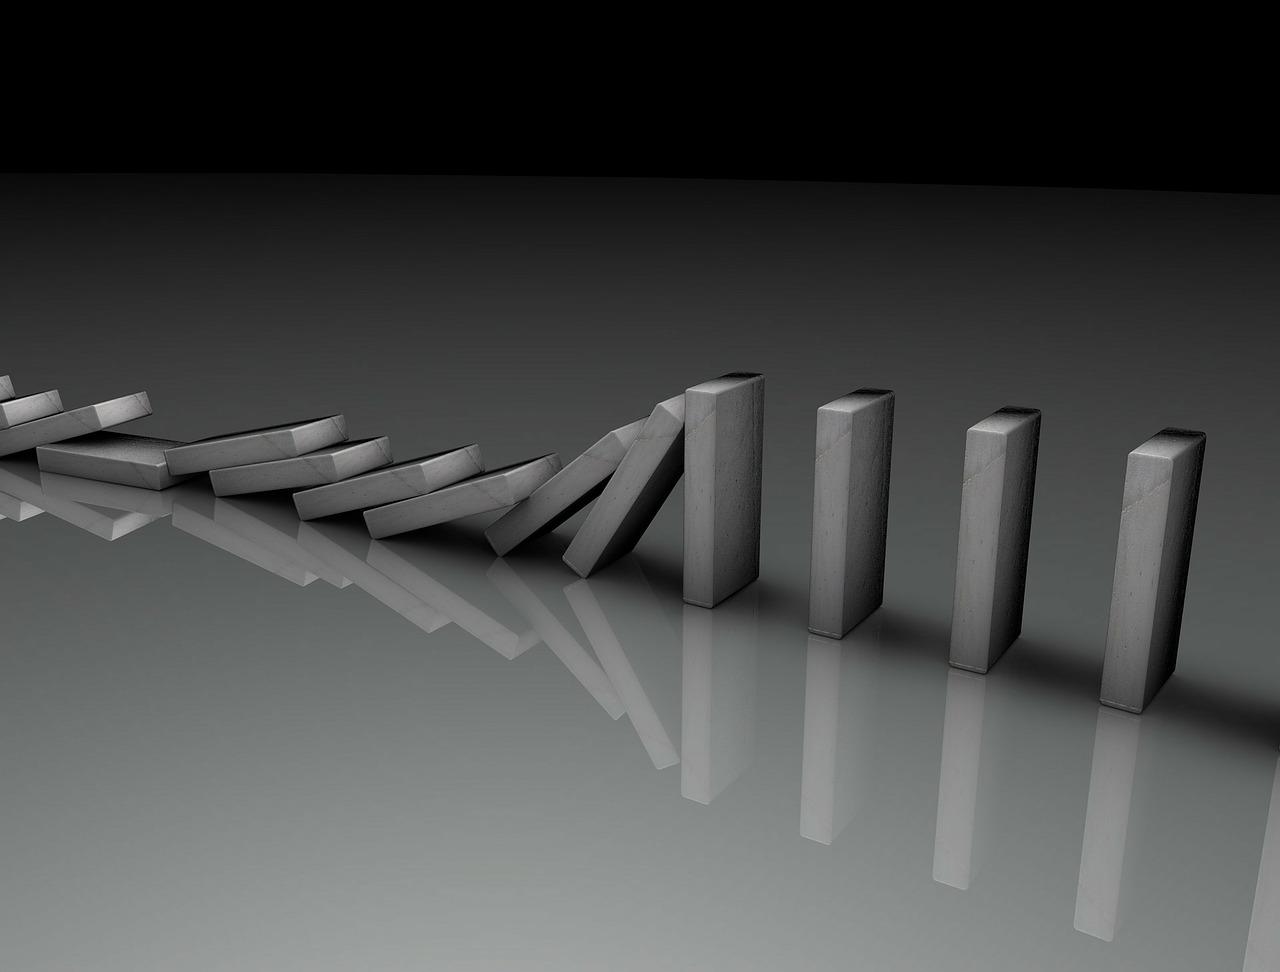 dominos falling